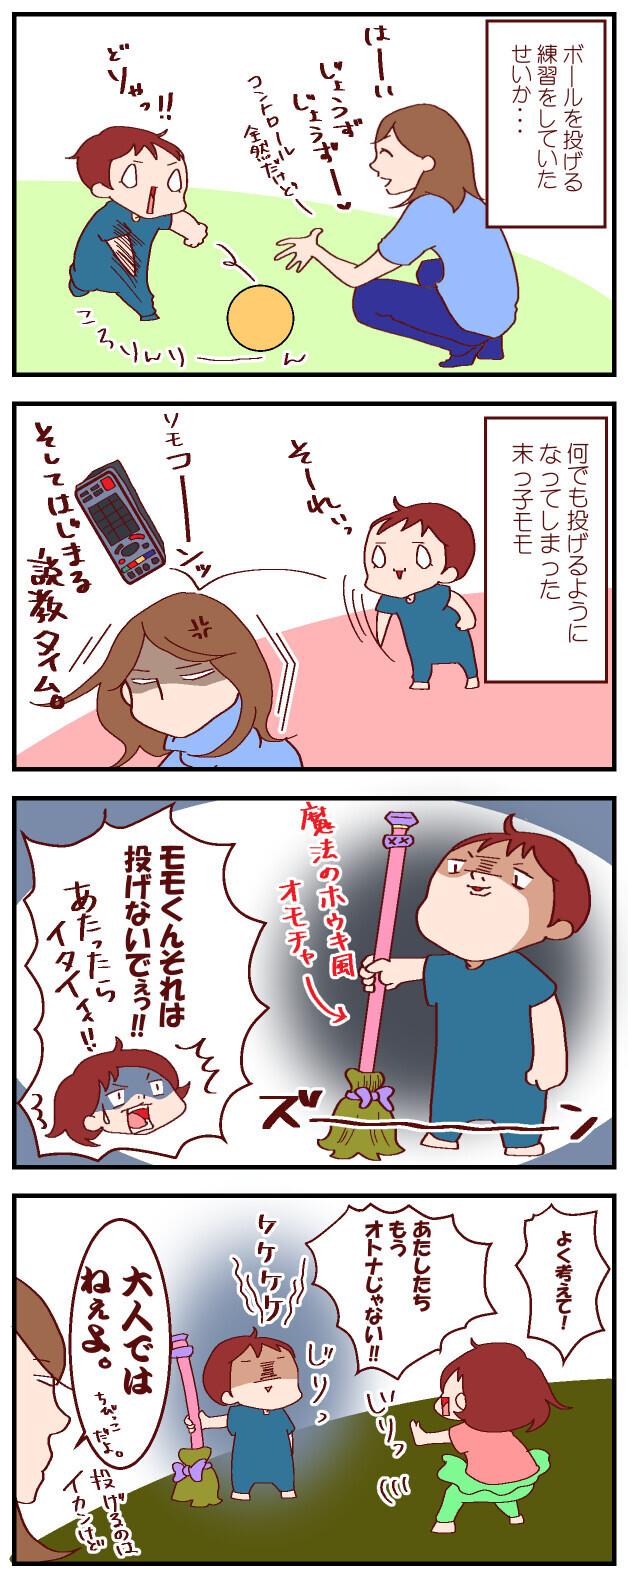 おもちゃを投げる弟、次女のなだめ方が説得力ゼロ!【良妻賢母になるまでは。 第11話】